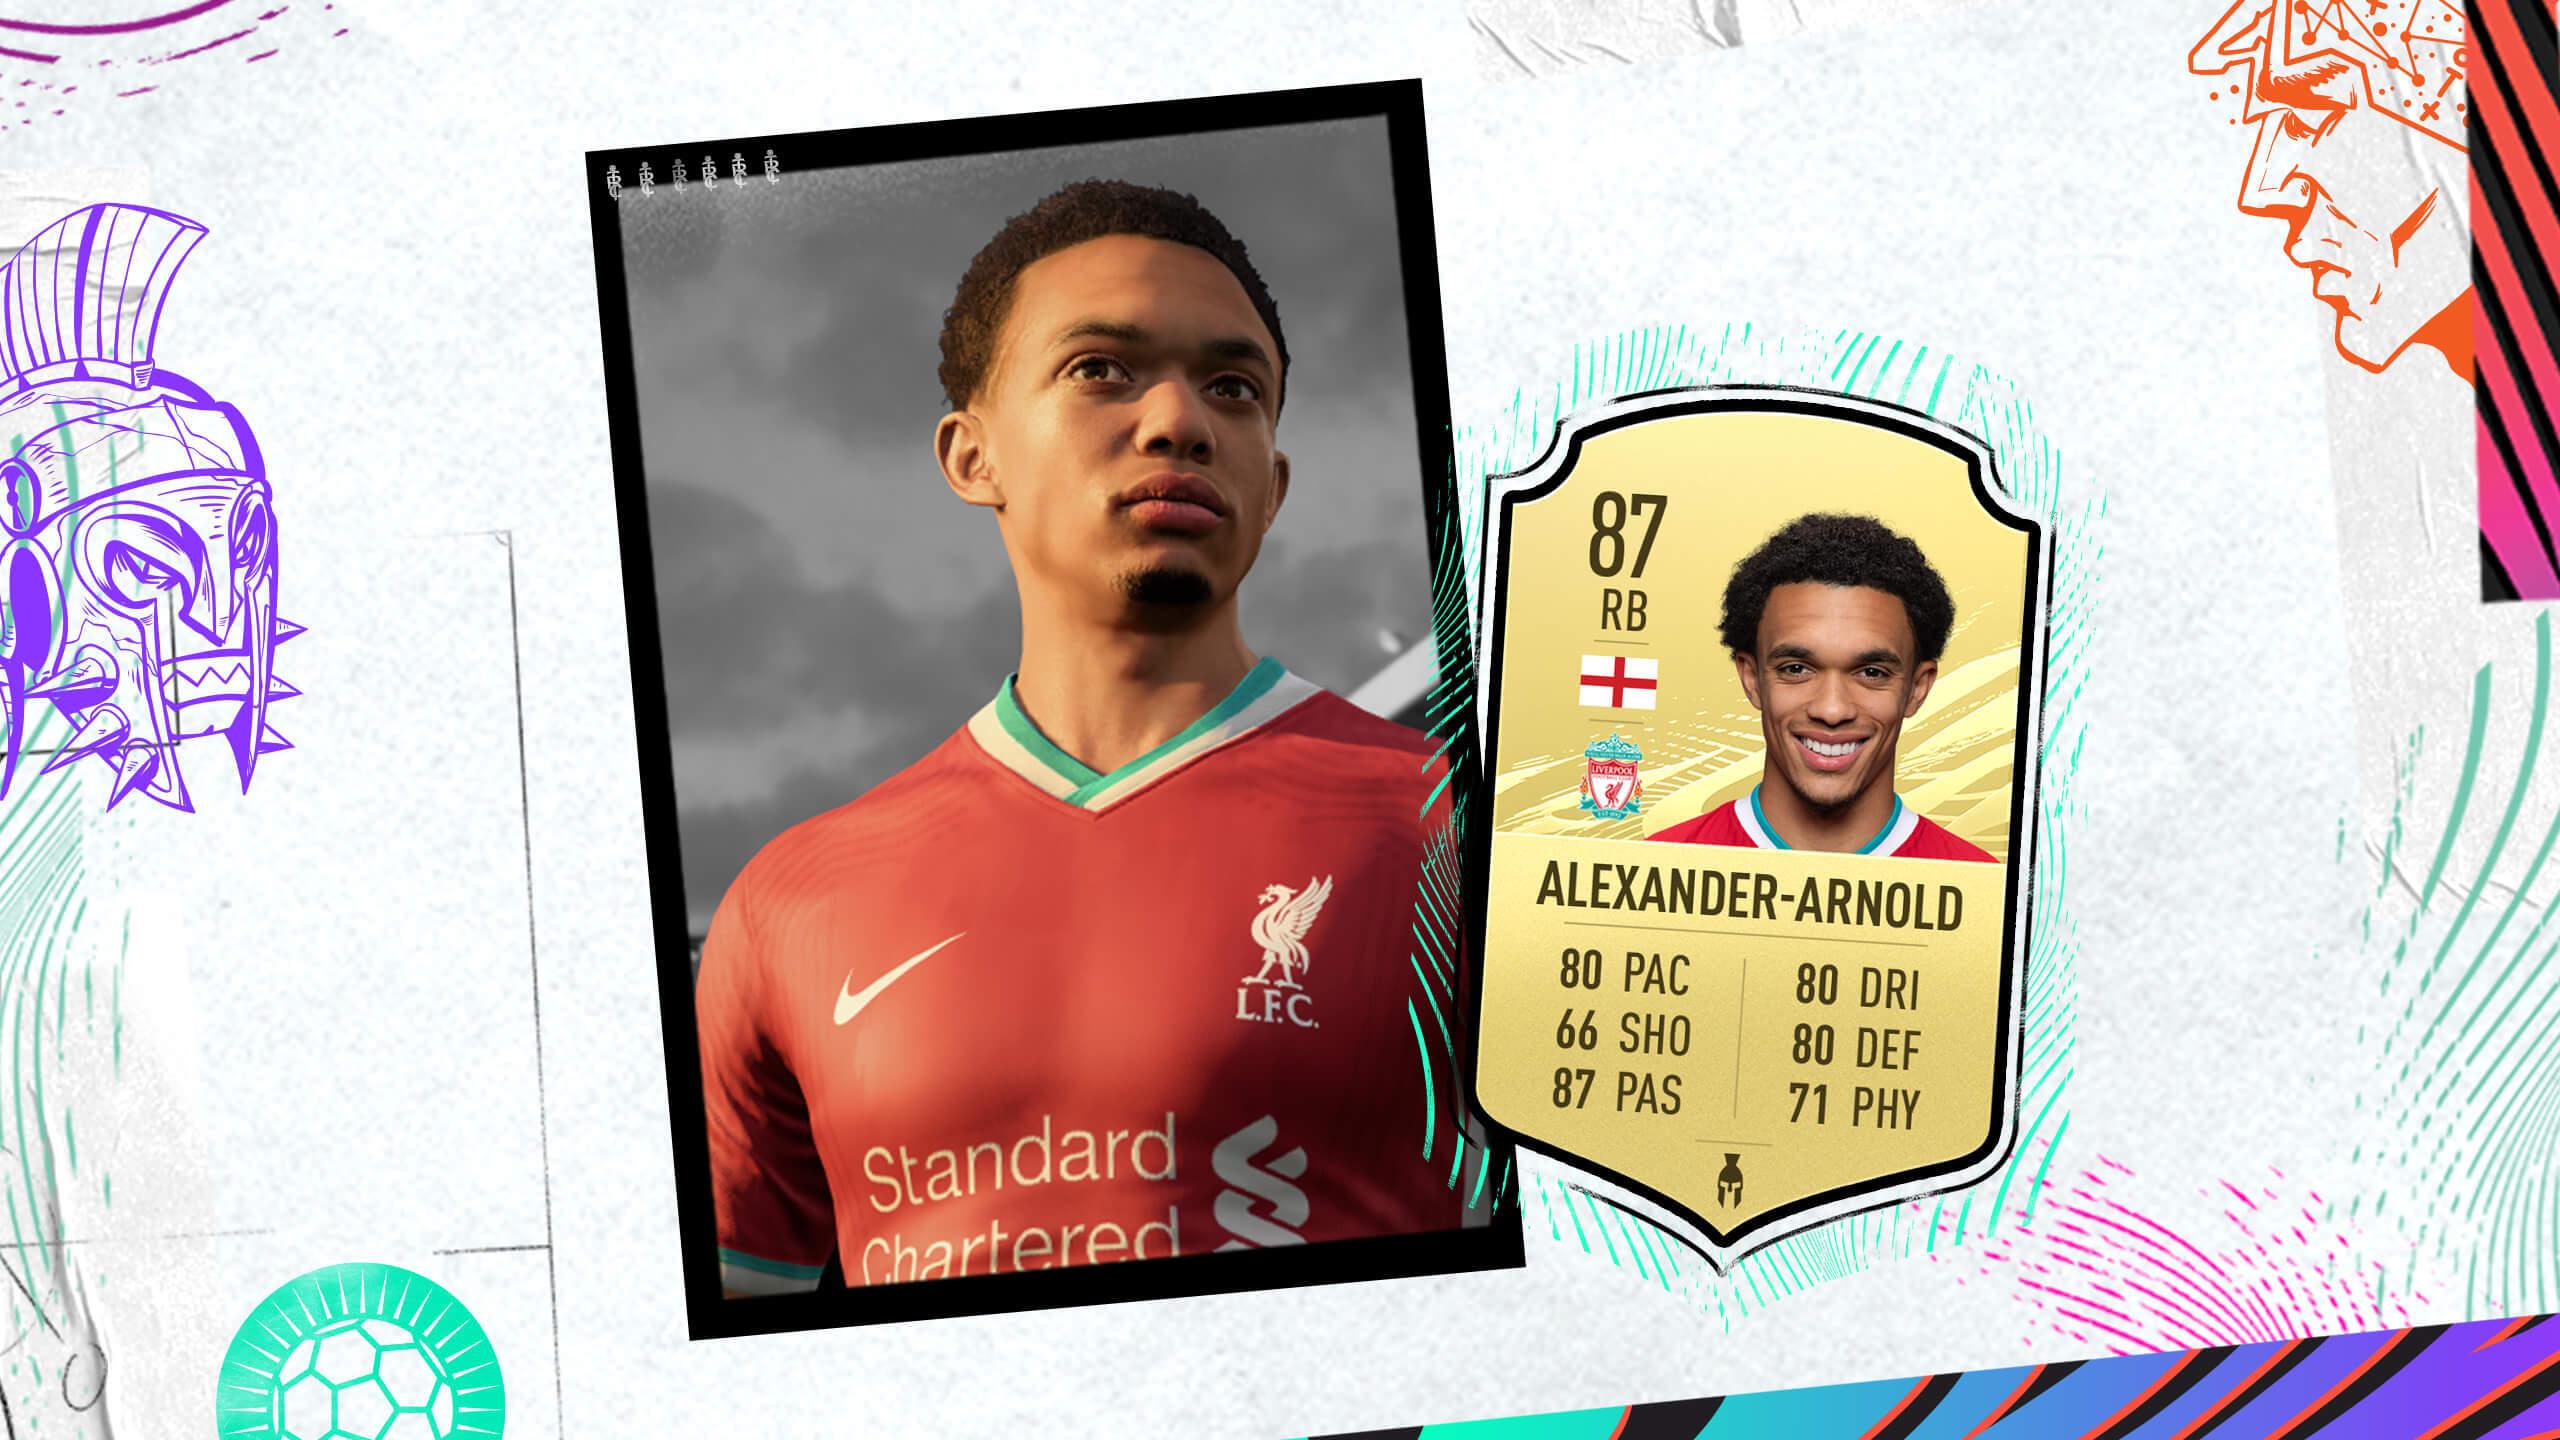 Alexander-Arnold FIFA 21